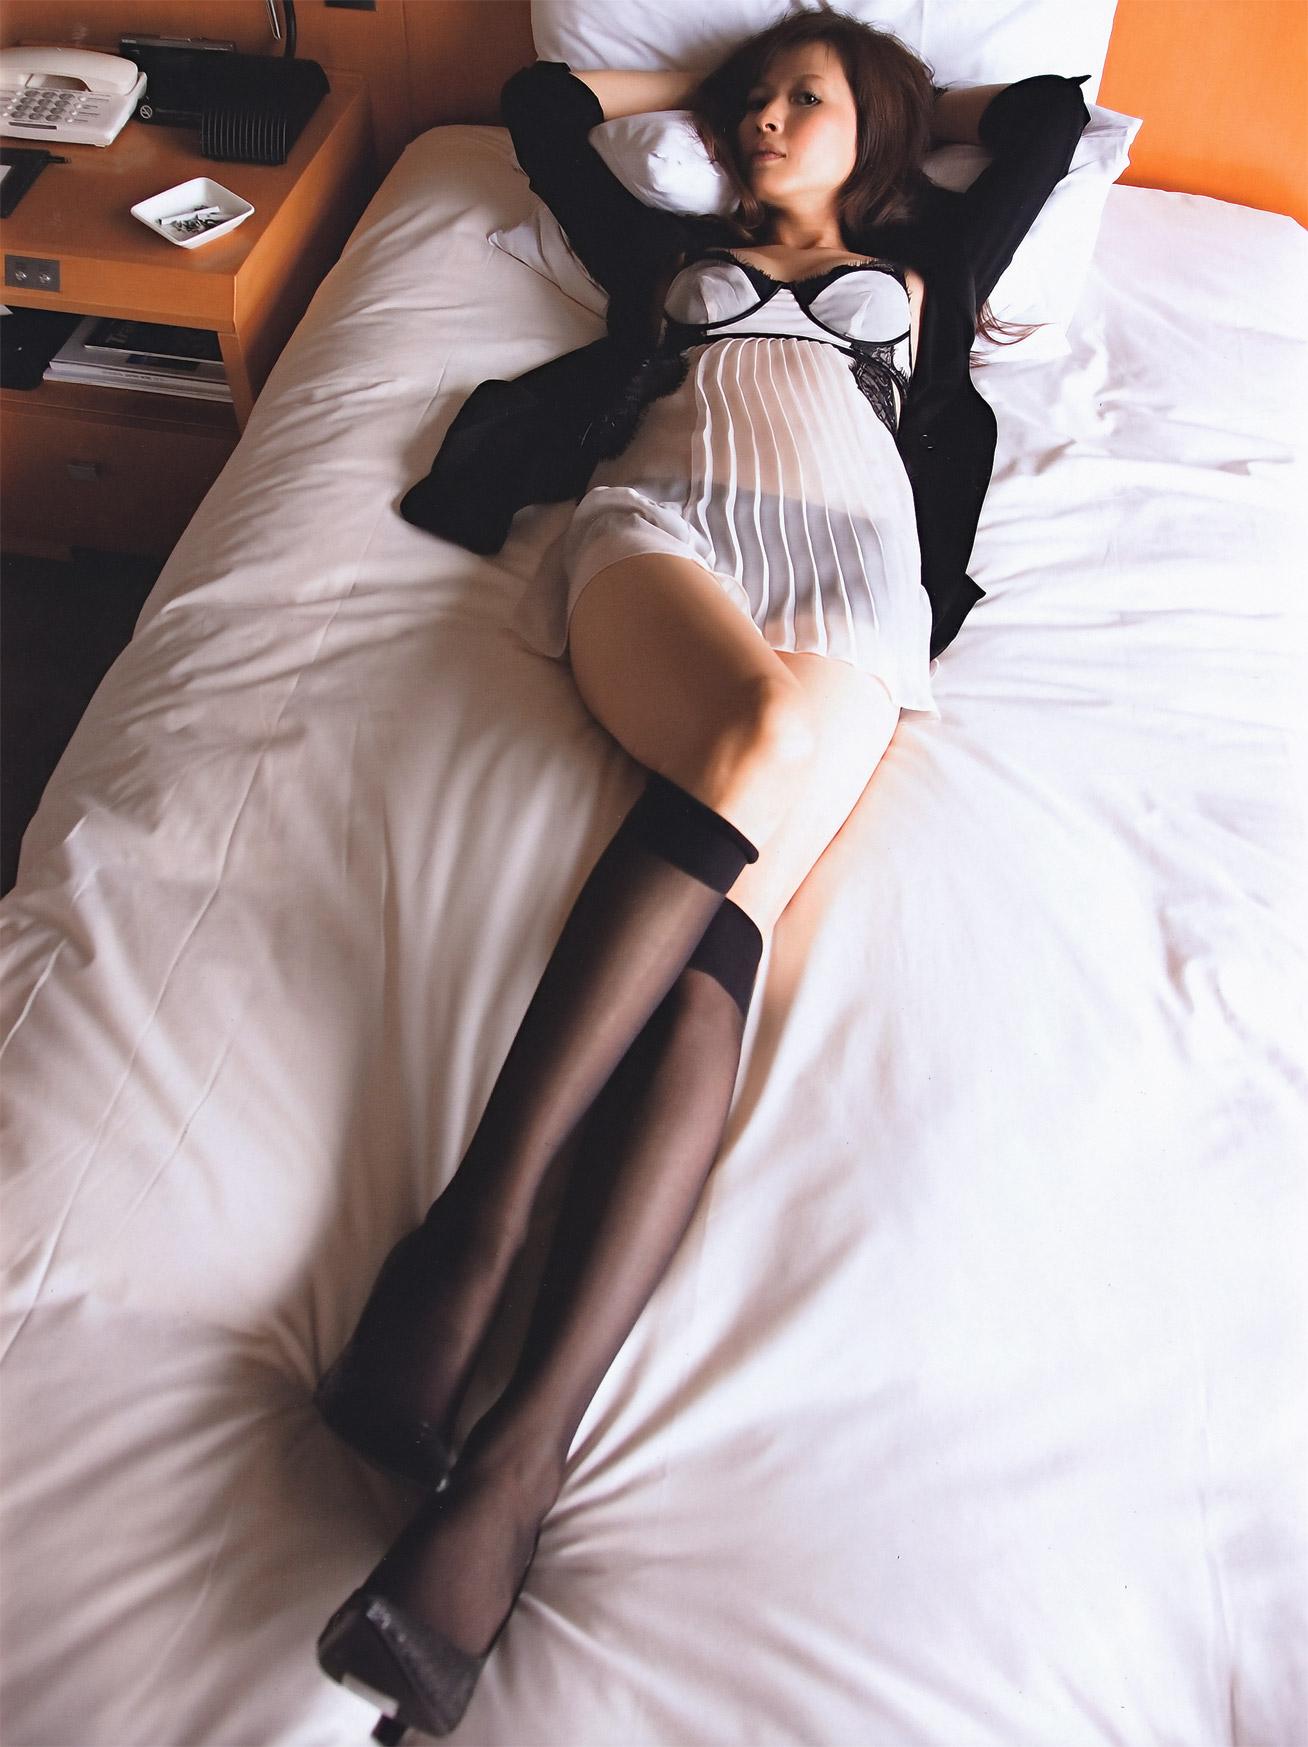 【三浦理恵子アイコラヌード】おっぱい丸見え!こんなエロくて美人なBBAならマジ抱きたいよなwwwww女優・芸能人お宝画像★・13枚目の画像